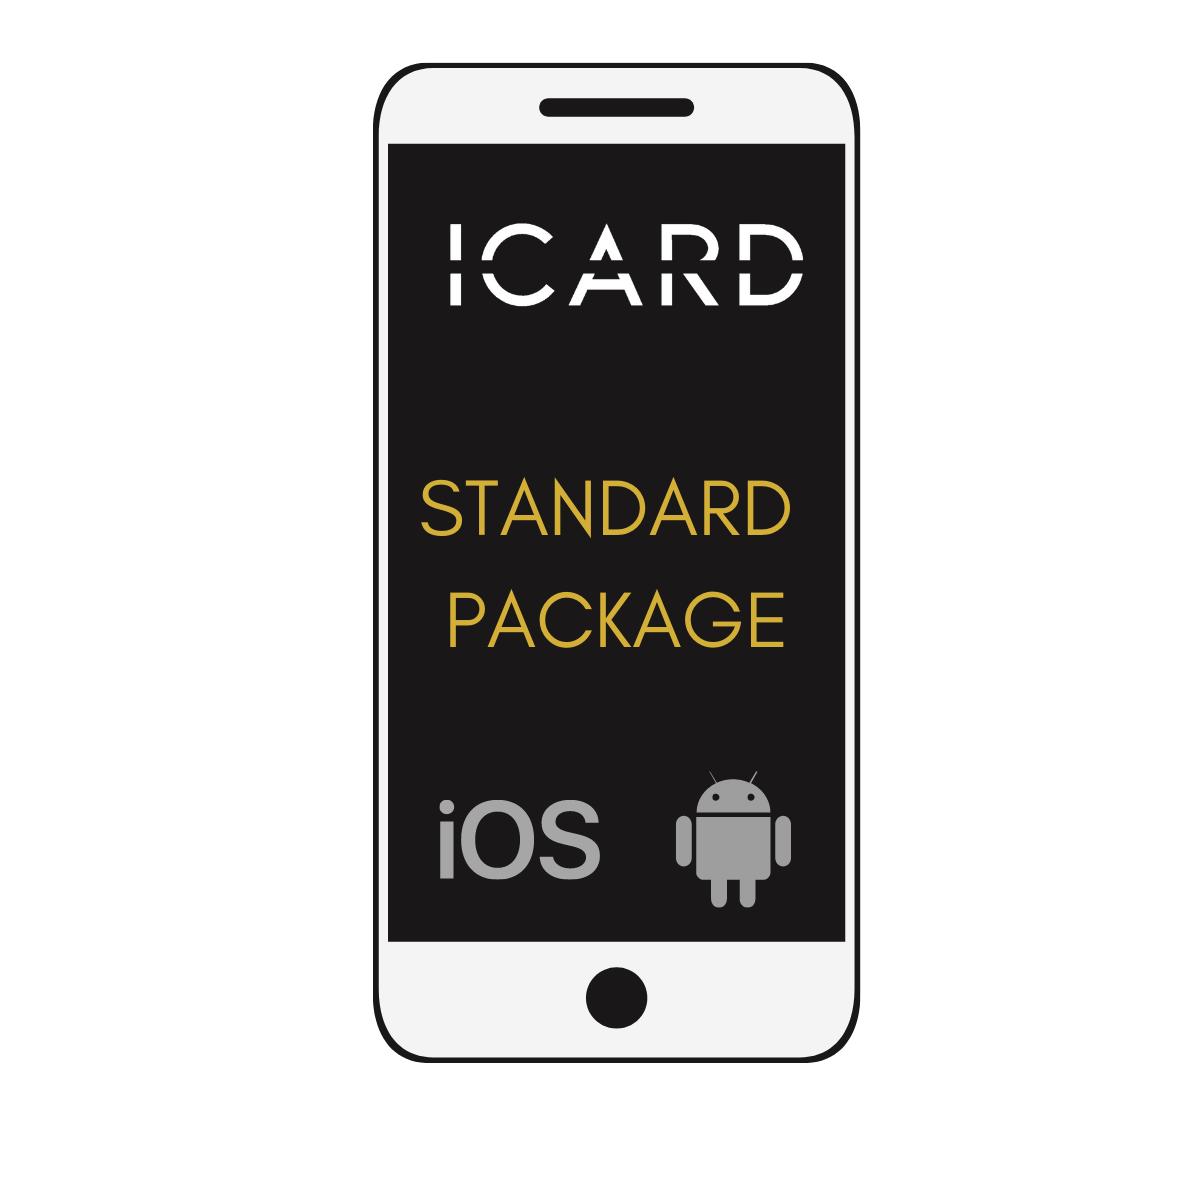 ICARD Standard package